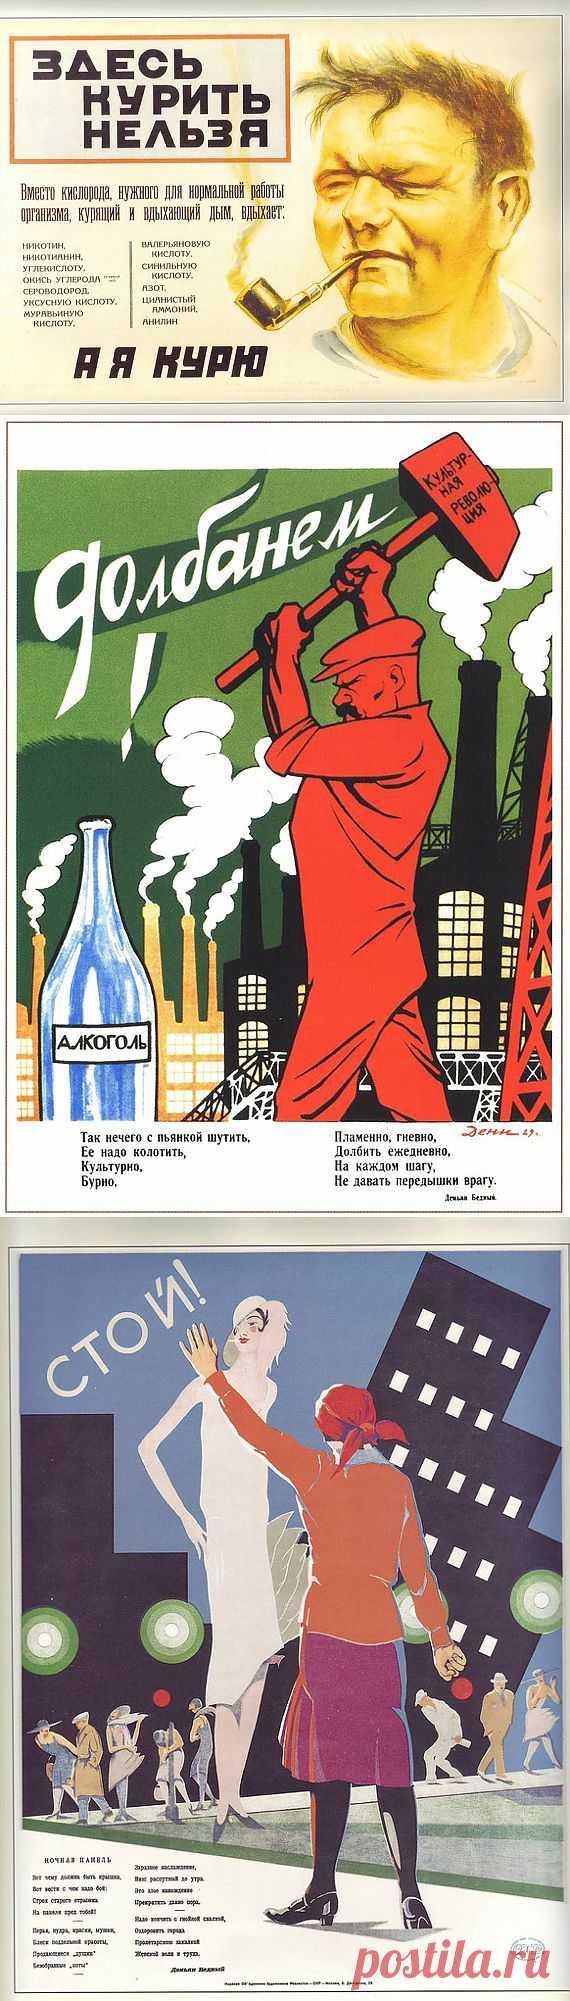 Советская социальная реклама / Обратно в СССР. Вспоминая наше советское прошлое